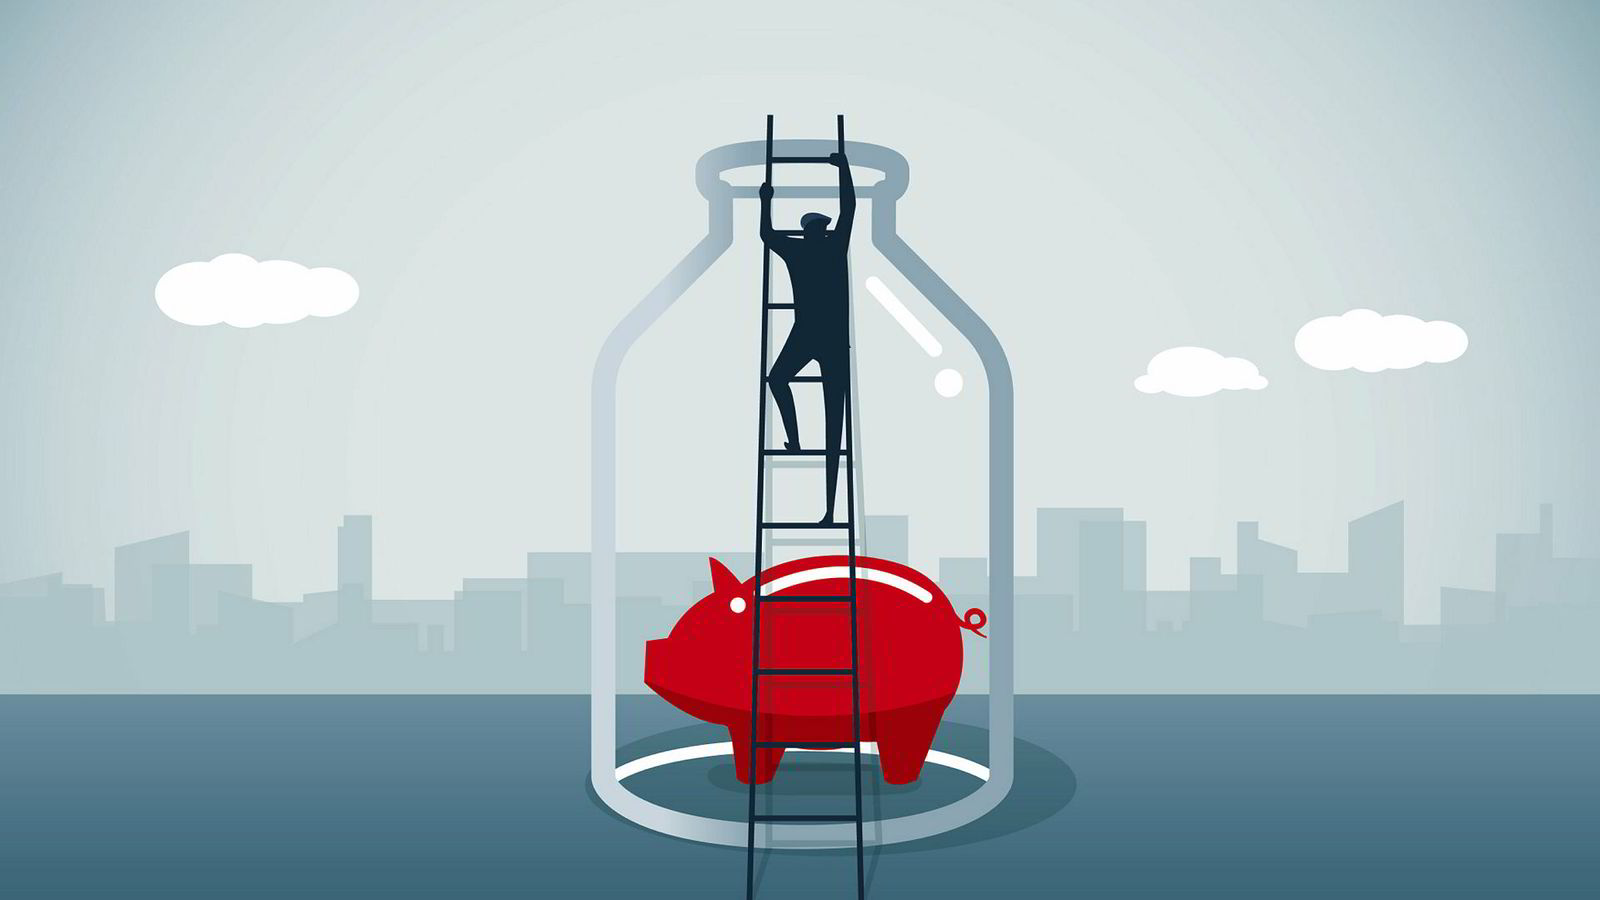 Tvungen sparing hjelper oss ikke bare til å gjøre kjedelige ting, som å betale skatt eller spare for alderdommen. Takket være tvungen sparing har de fleste av oss mulighet til å gjøre noe hyggelig i ferien.